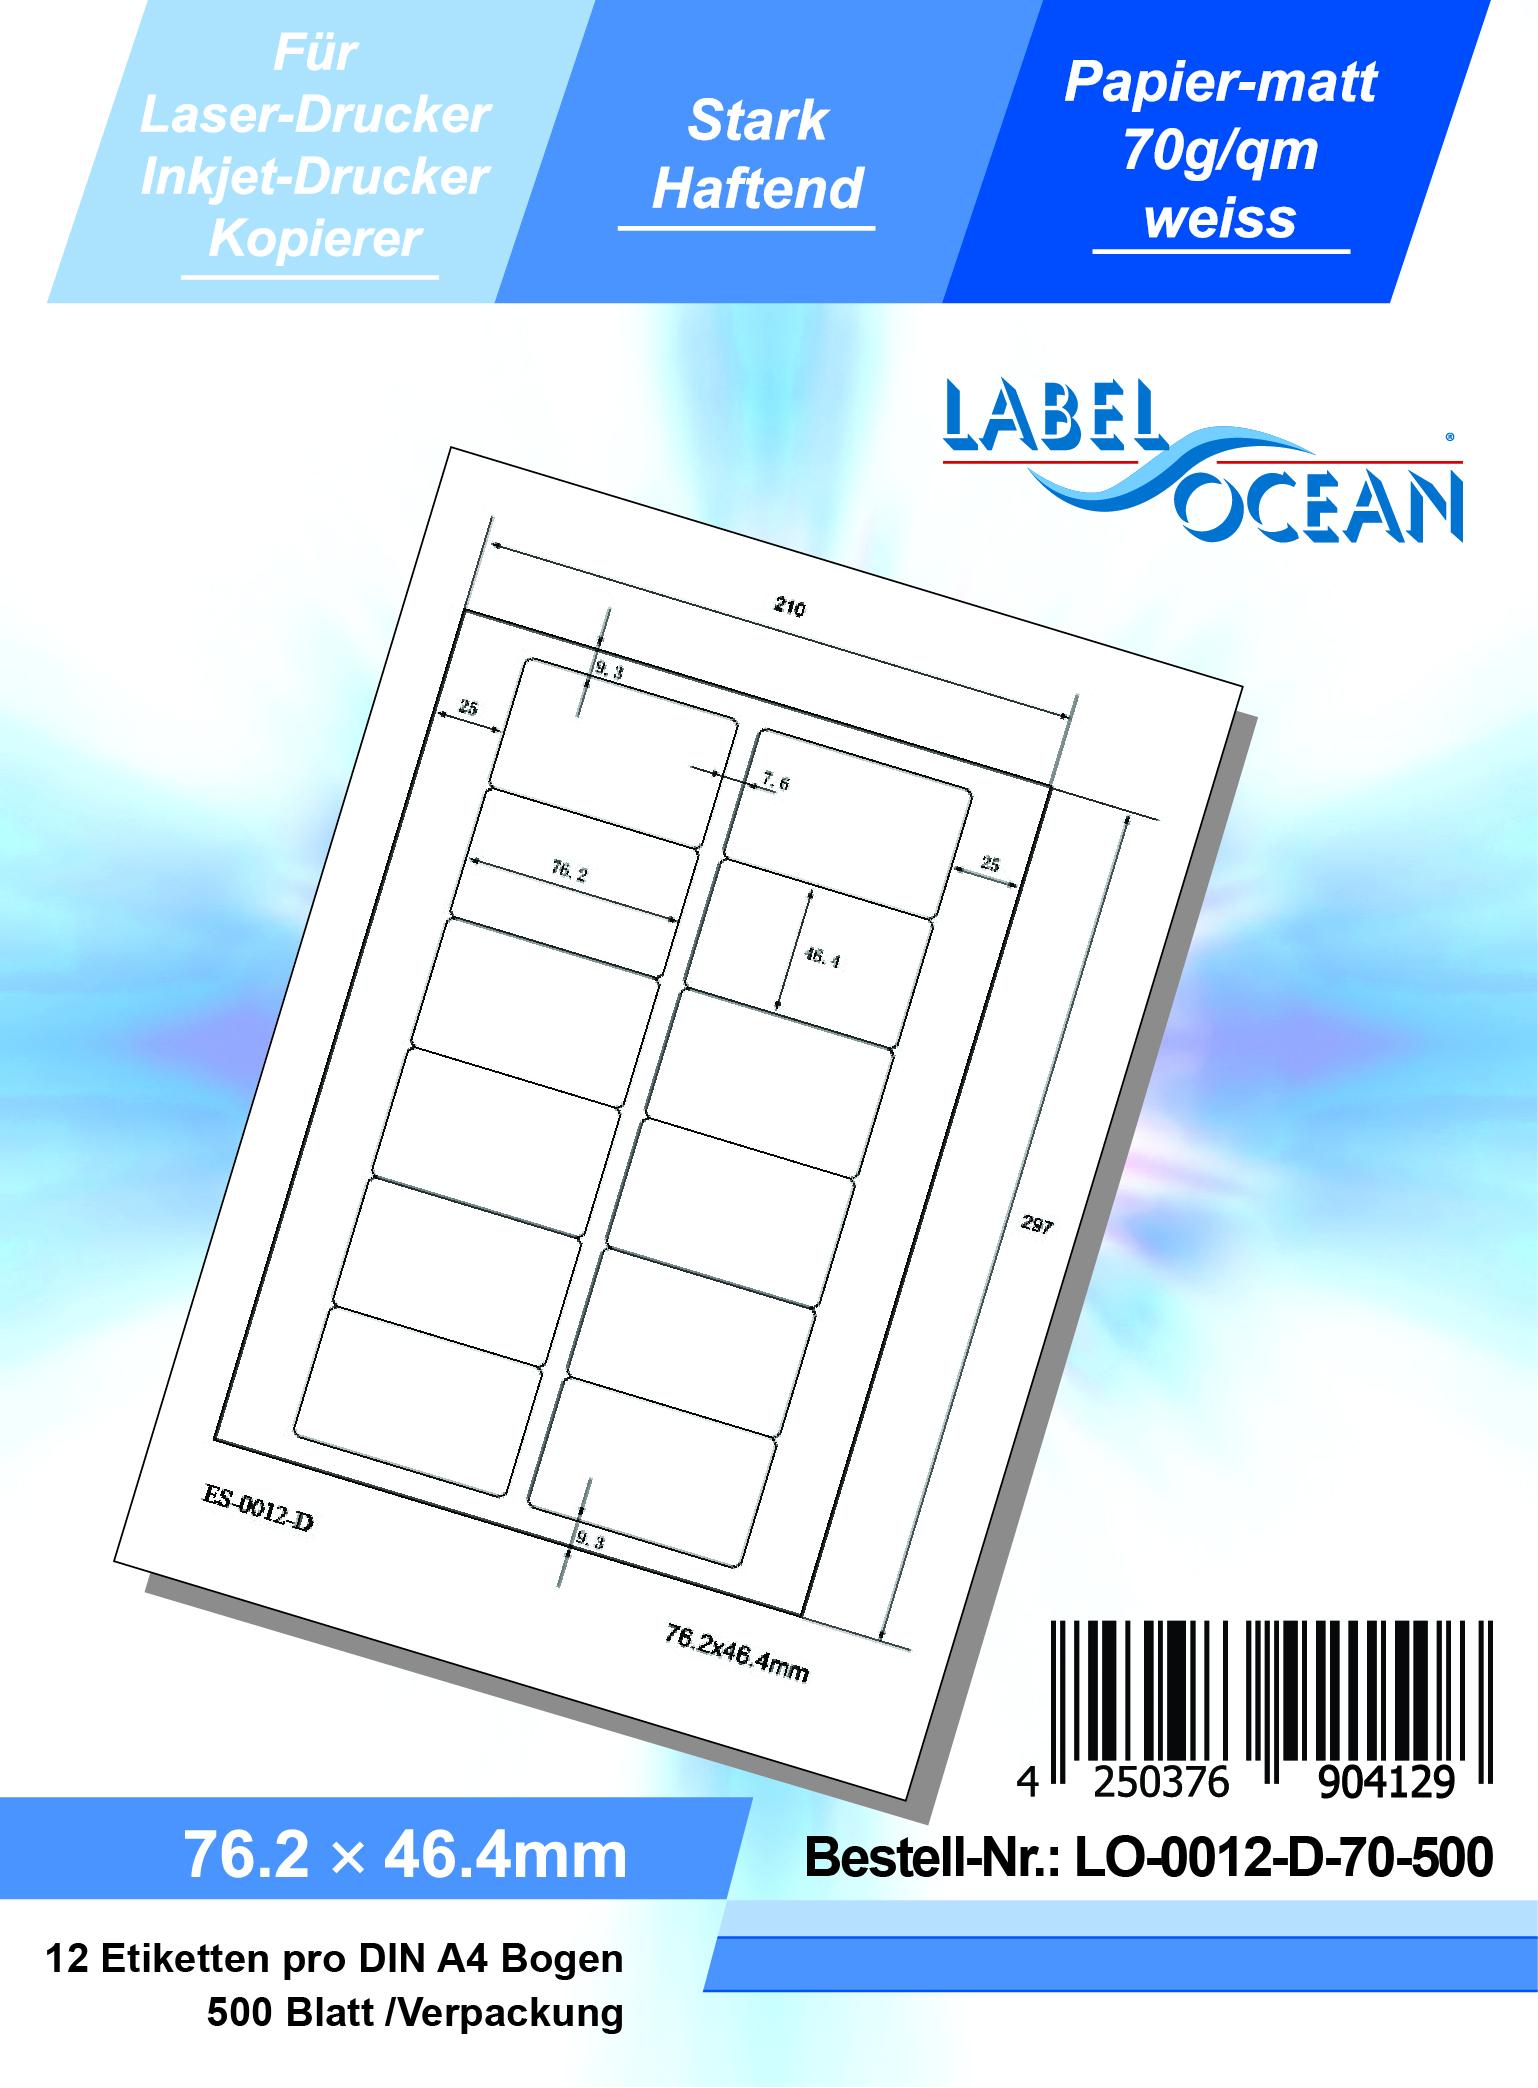 1000 Blatt Laser Inkjet Kopierer Klebeetiketten DIN A4 weiß 63,5x72mm